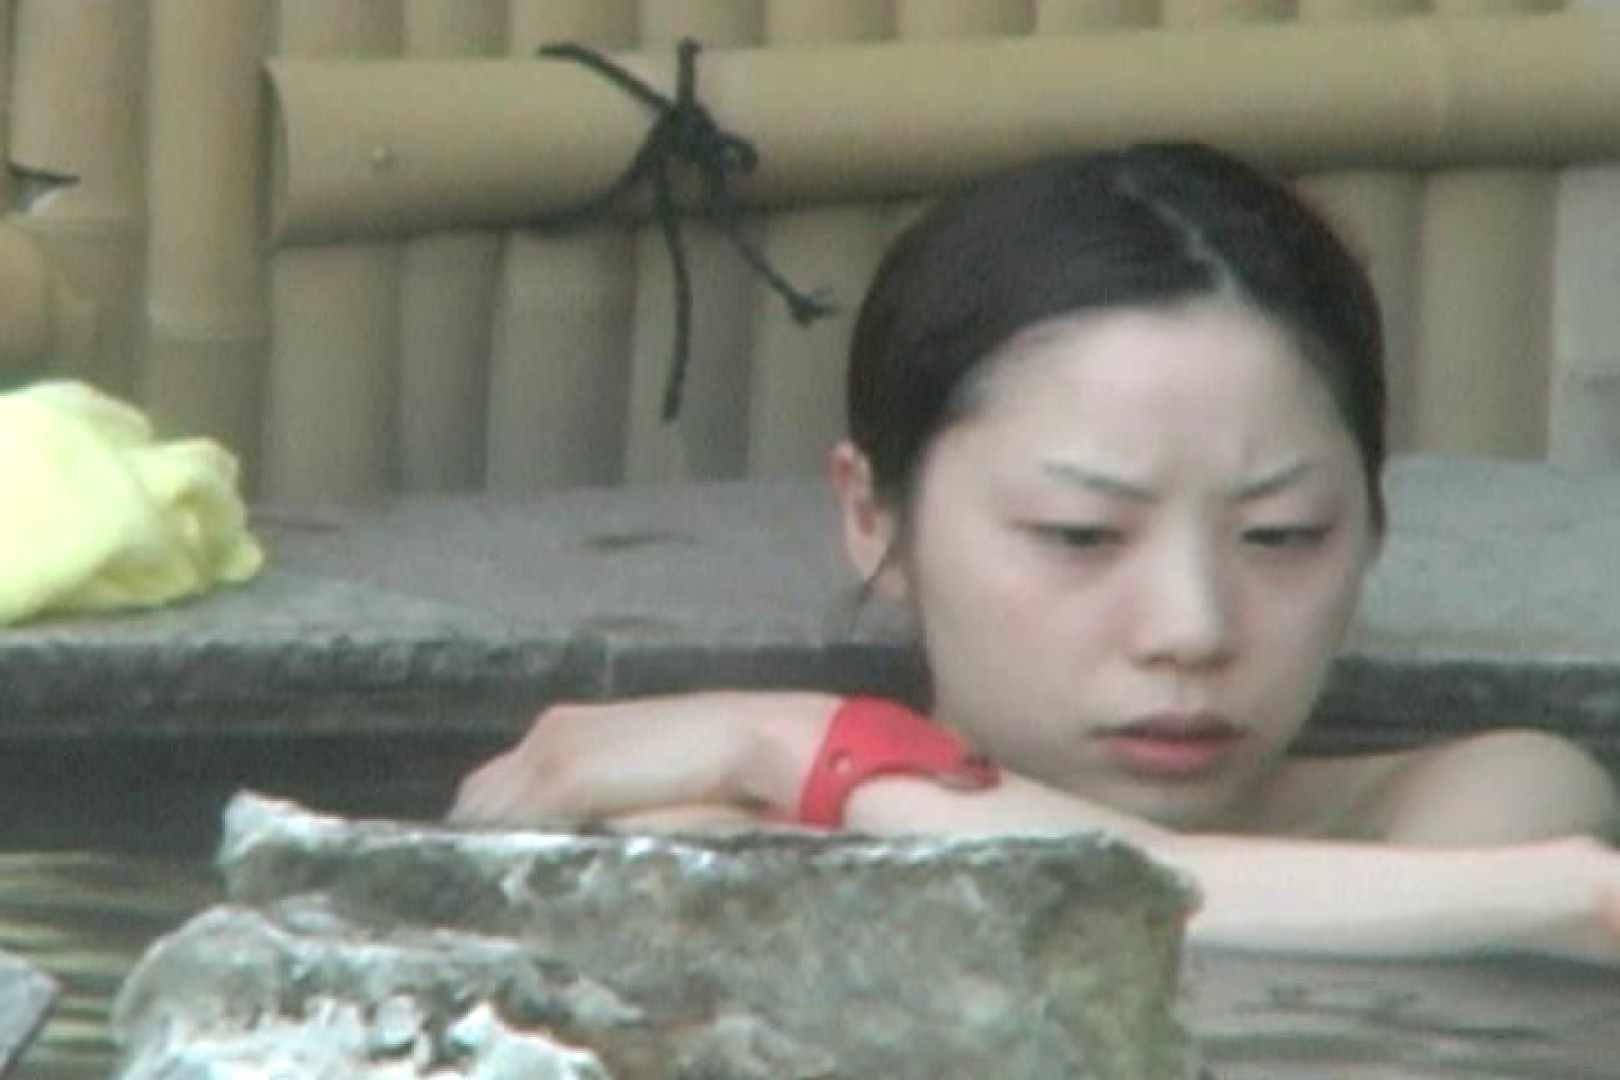 Aquaな露天風呂Vol.596 盗撮シリーズ  113PIX 30